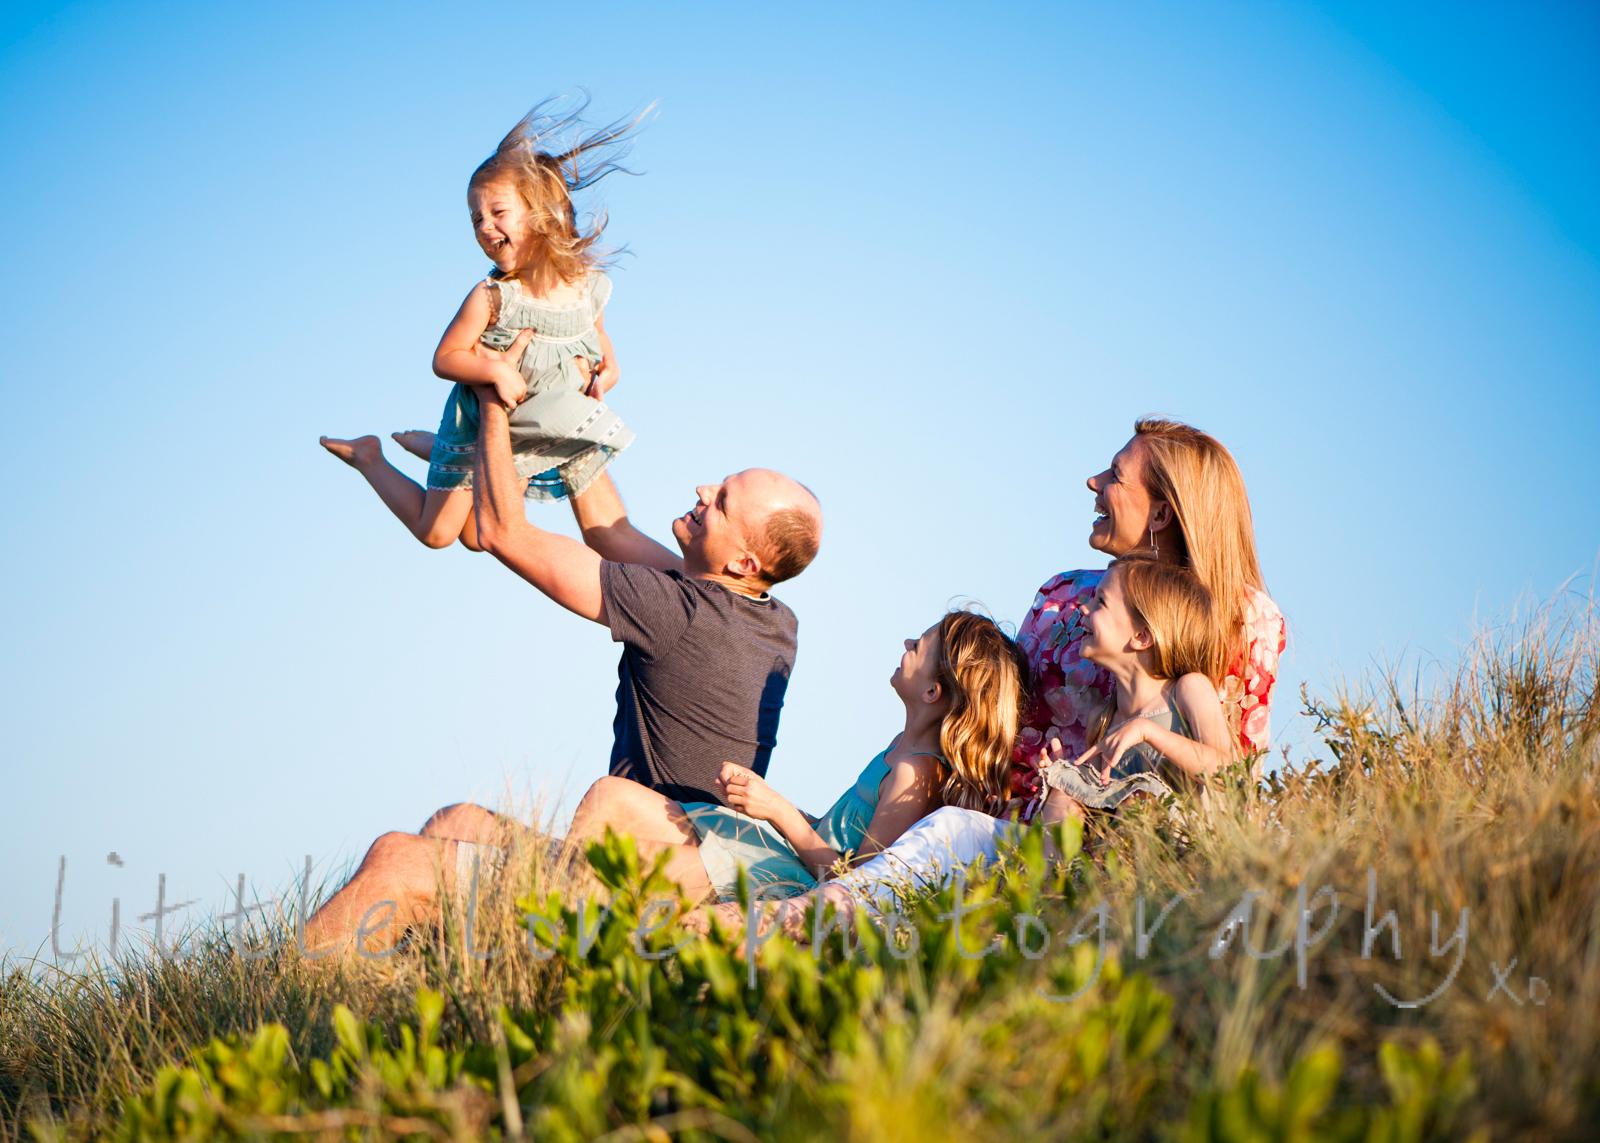 familyphotographysydney086.jpg